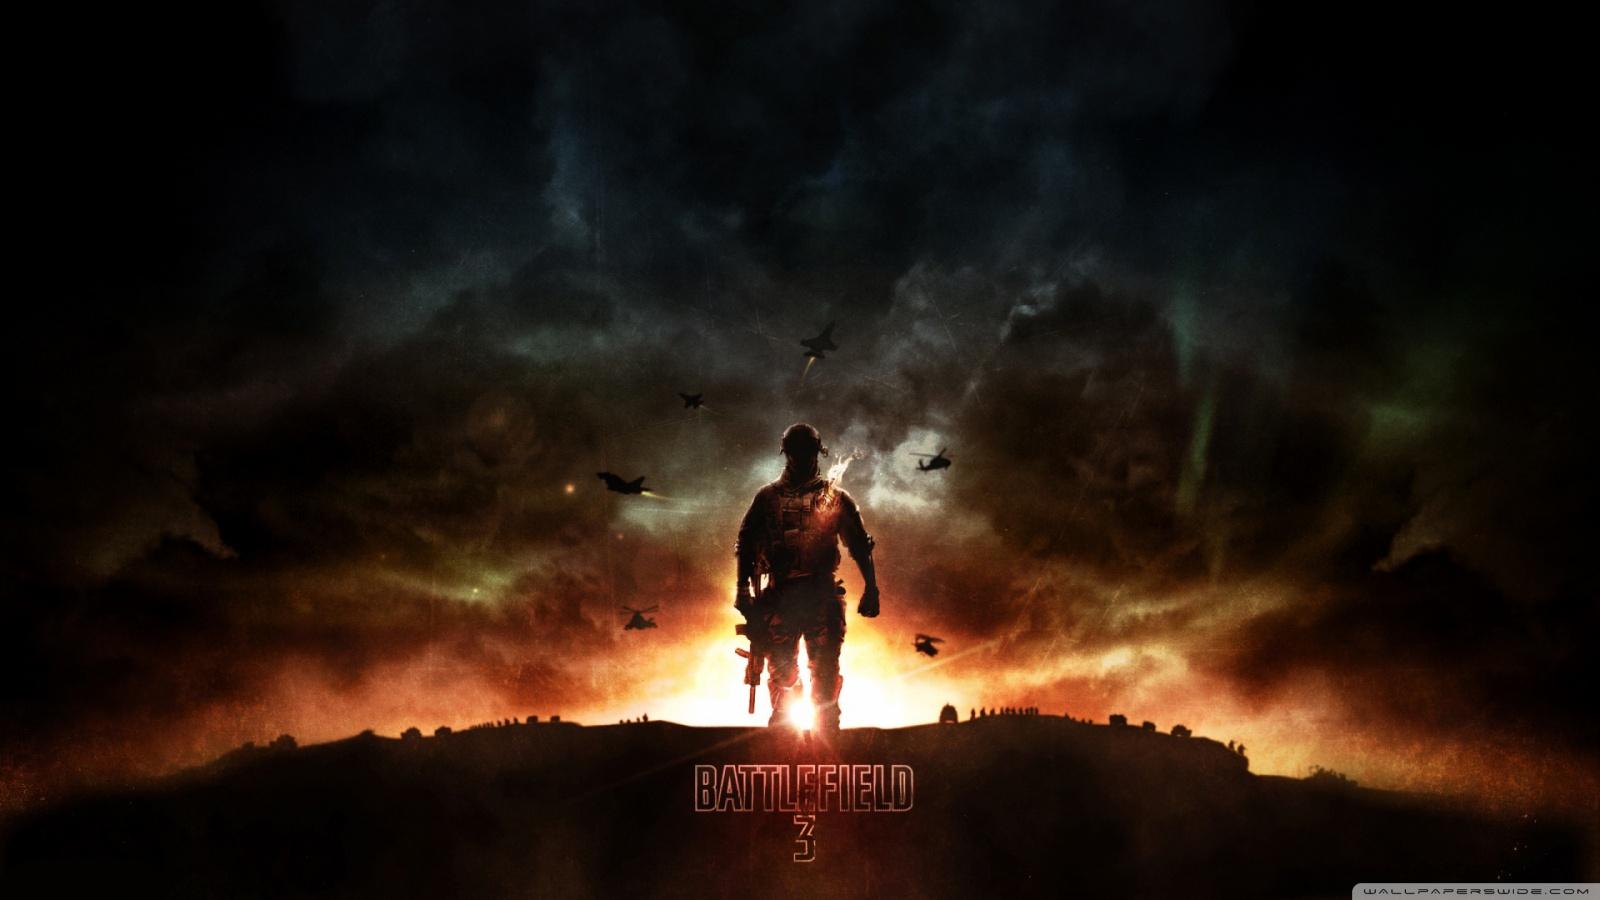 Freaking Spot Battlefield Full HD 1080p Wallpapers 1600x900